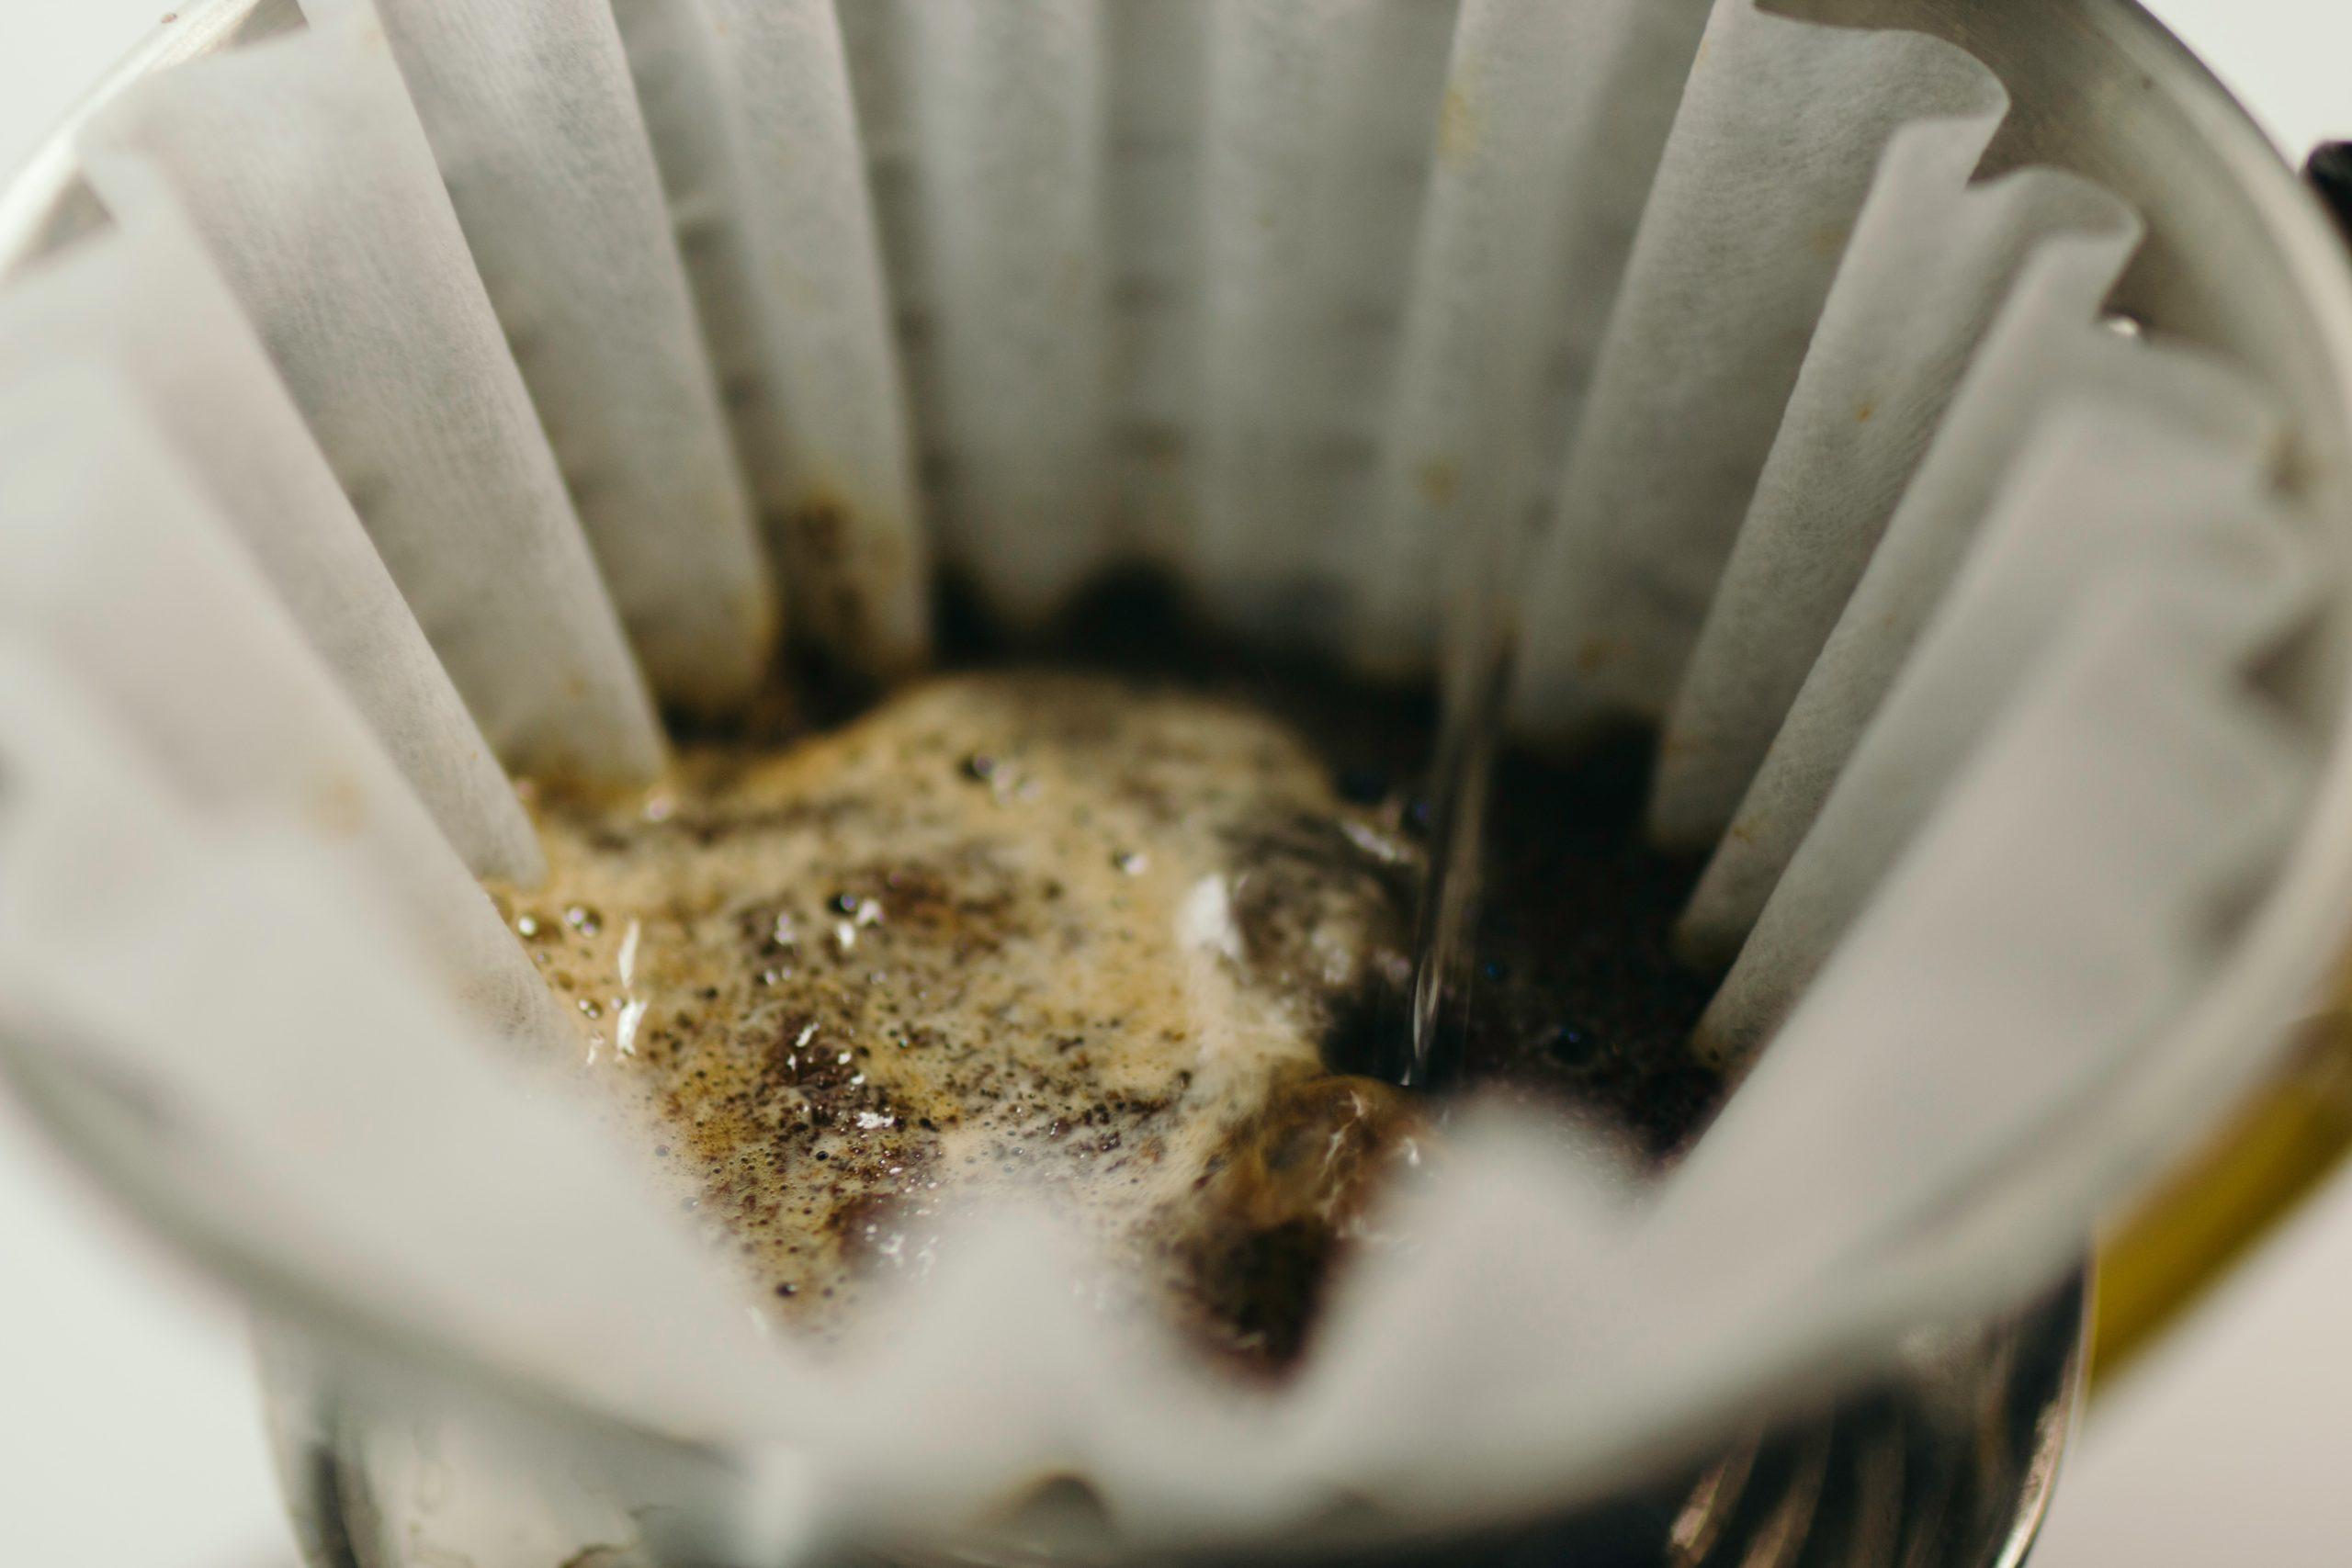 Photo by Battlecreek Coffee Roasters